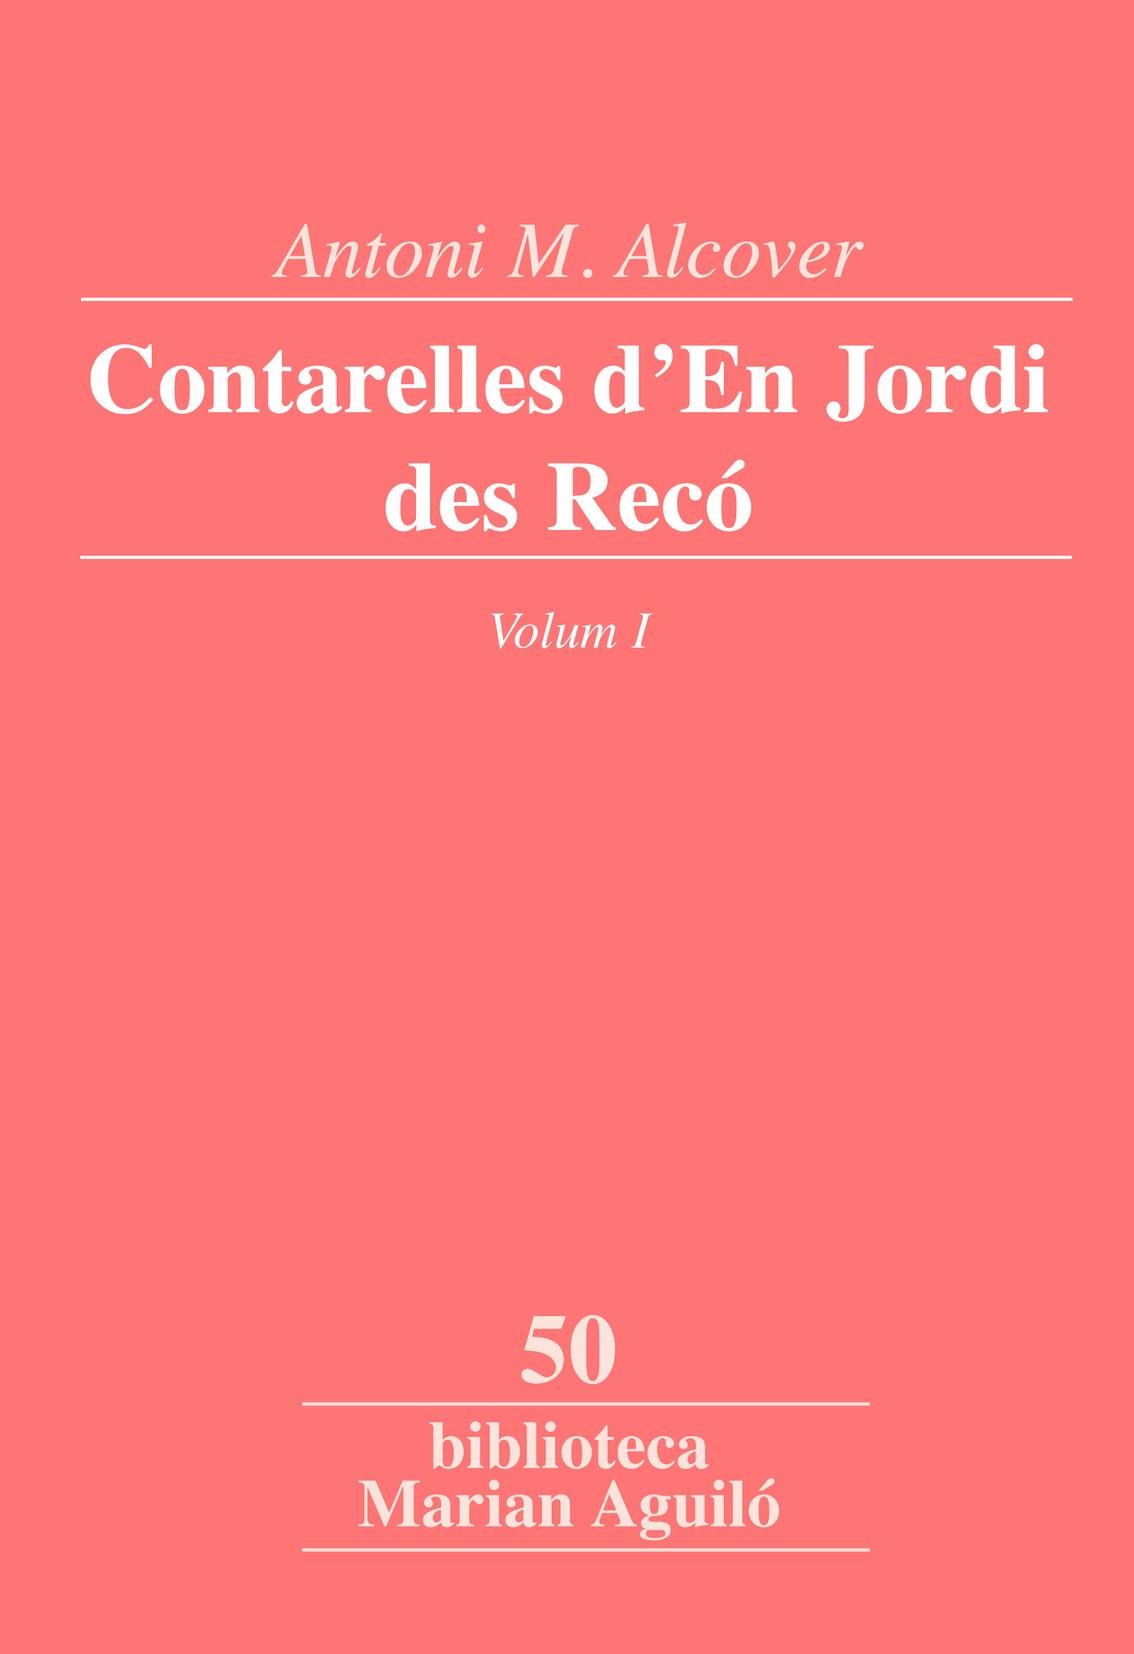 CONTARELLES D´EN JORDI DES RECÓ, VOL. 1.